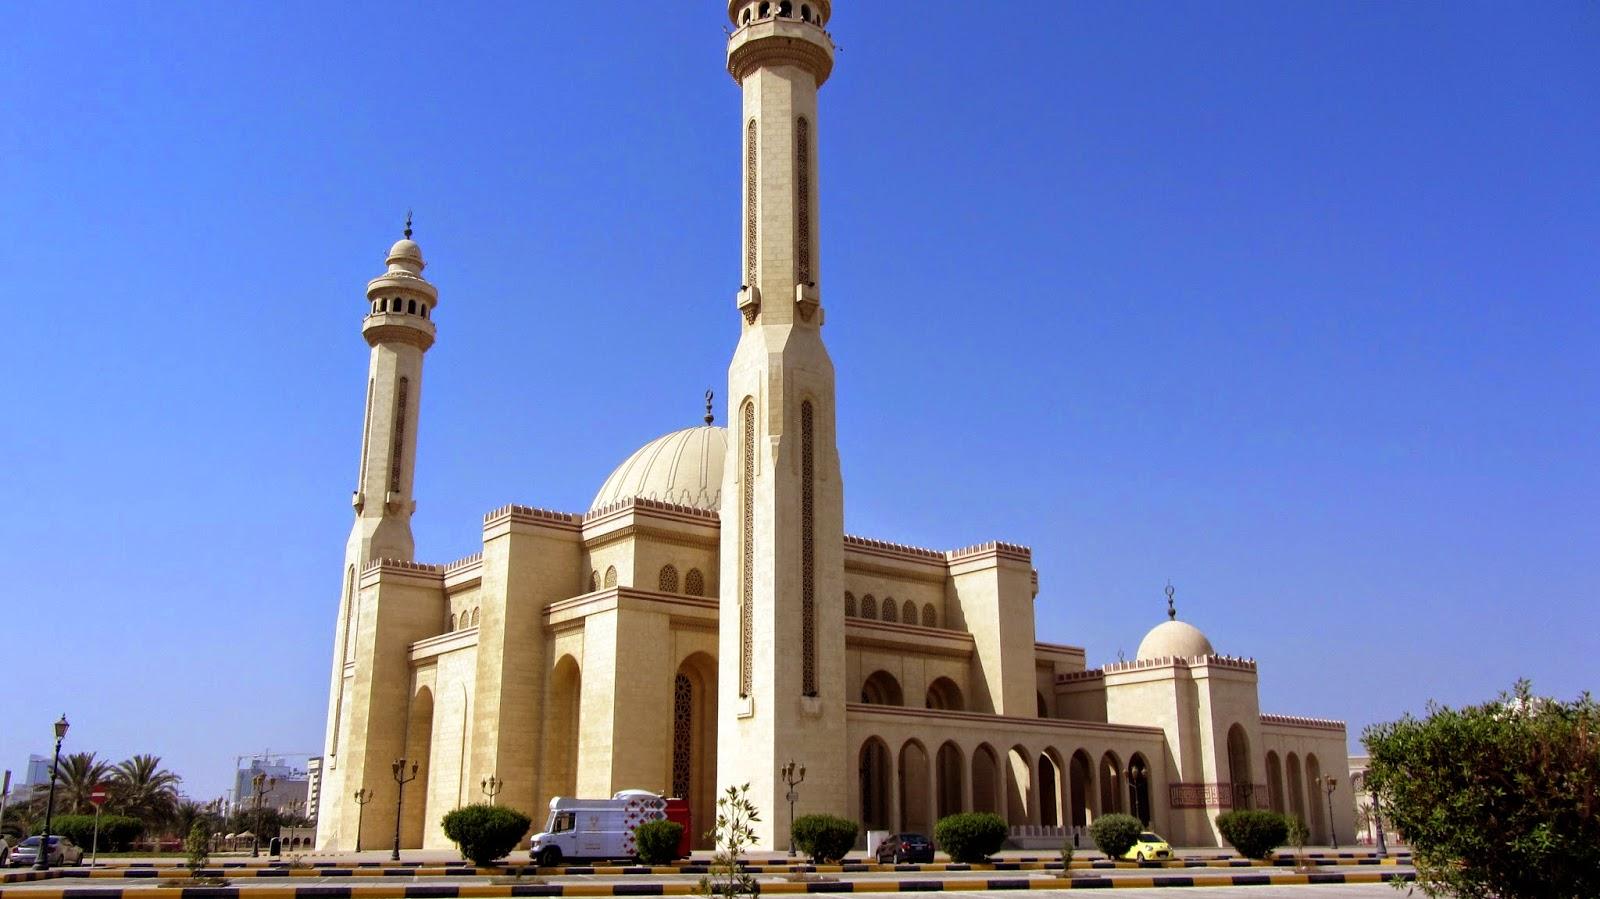 Al Fateh Grand Mosque Bahrain Pop Culture Middle East blog